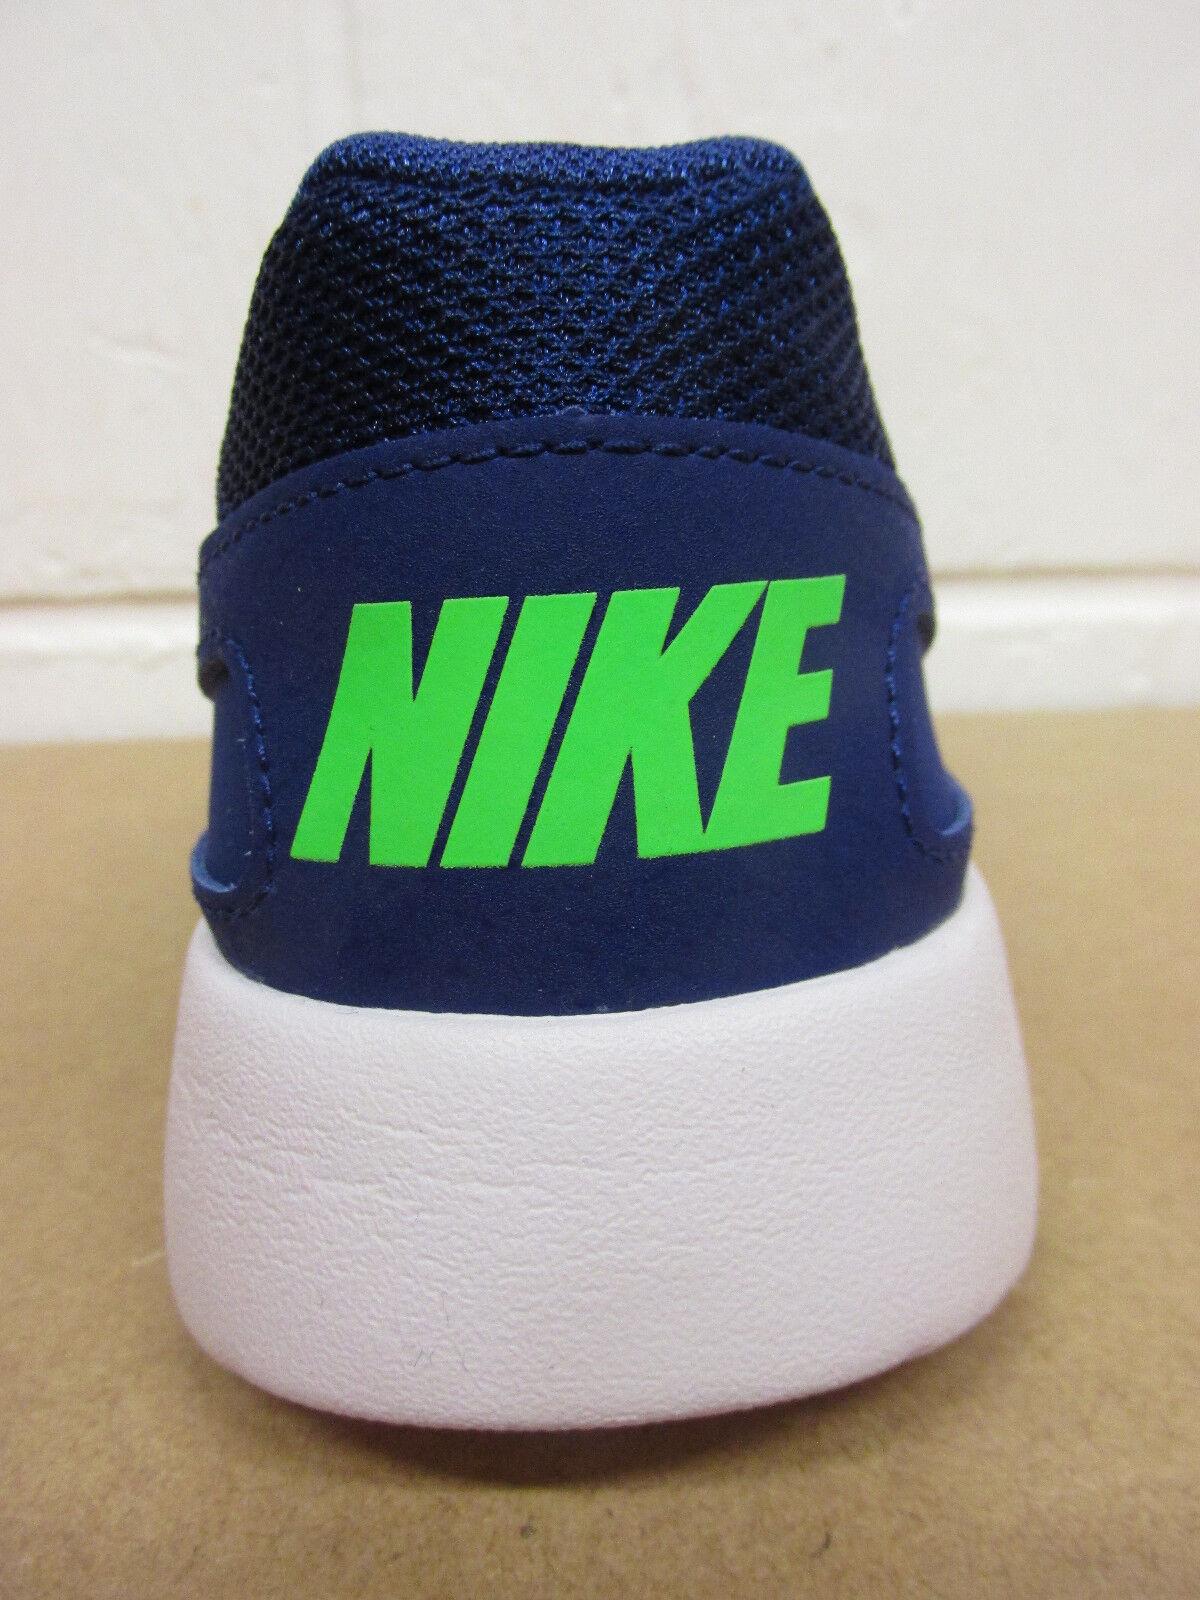 Nike Kaishi Turnschuhe (Gs) Laufschuhe 705489 404 Turnschuhe Kaishi 2b180c